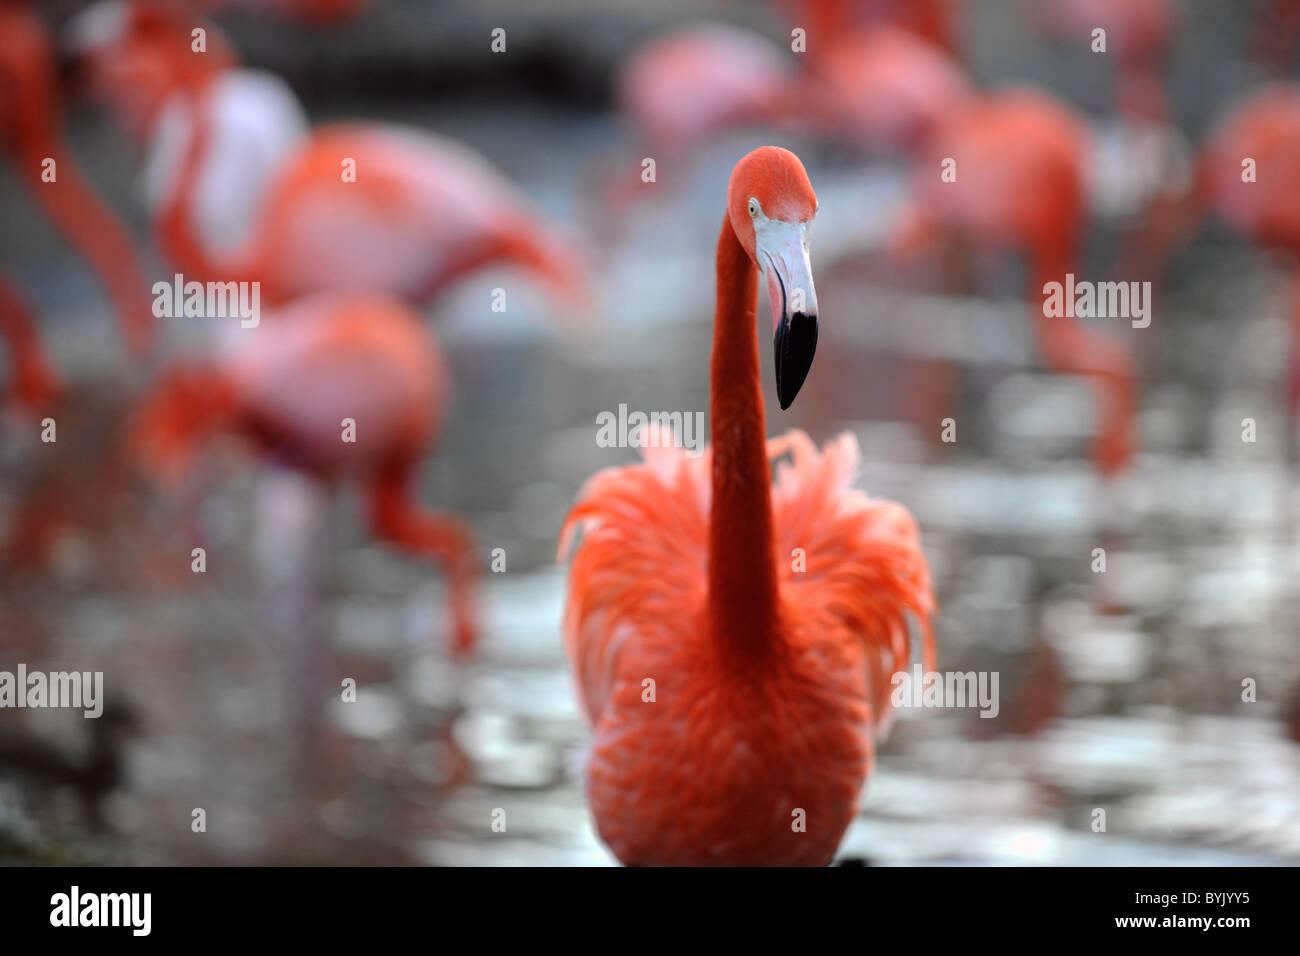 Phoenicopterus ruber. Retrato de un flamenco. Foto de stock